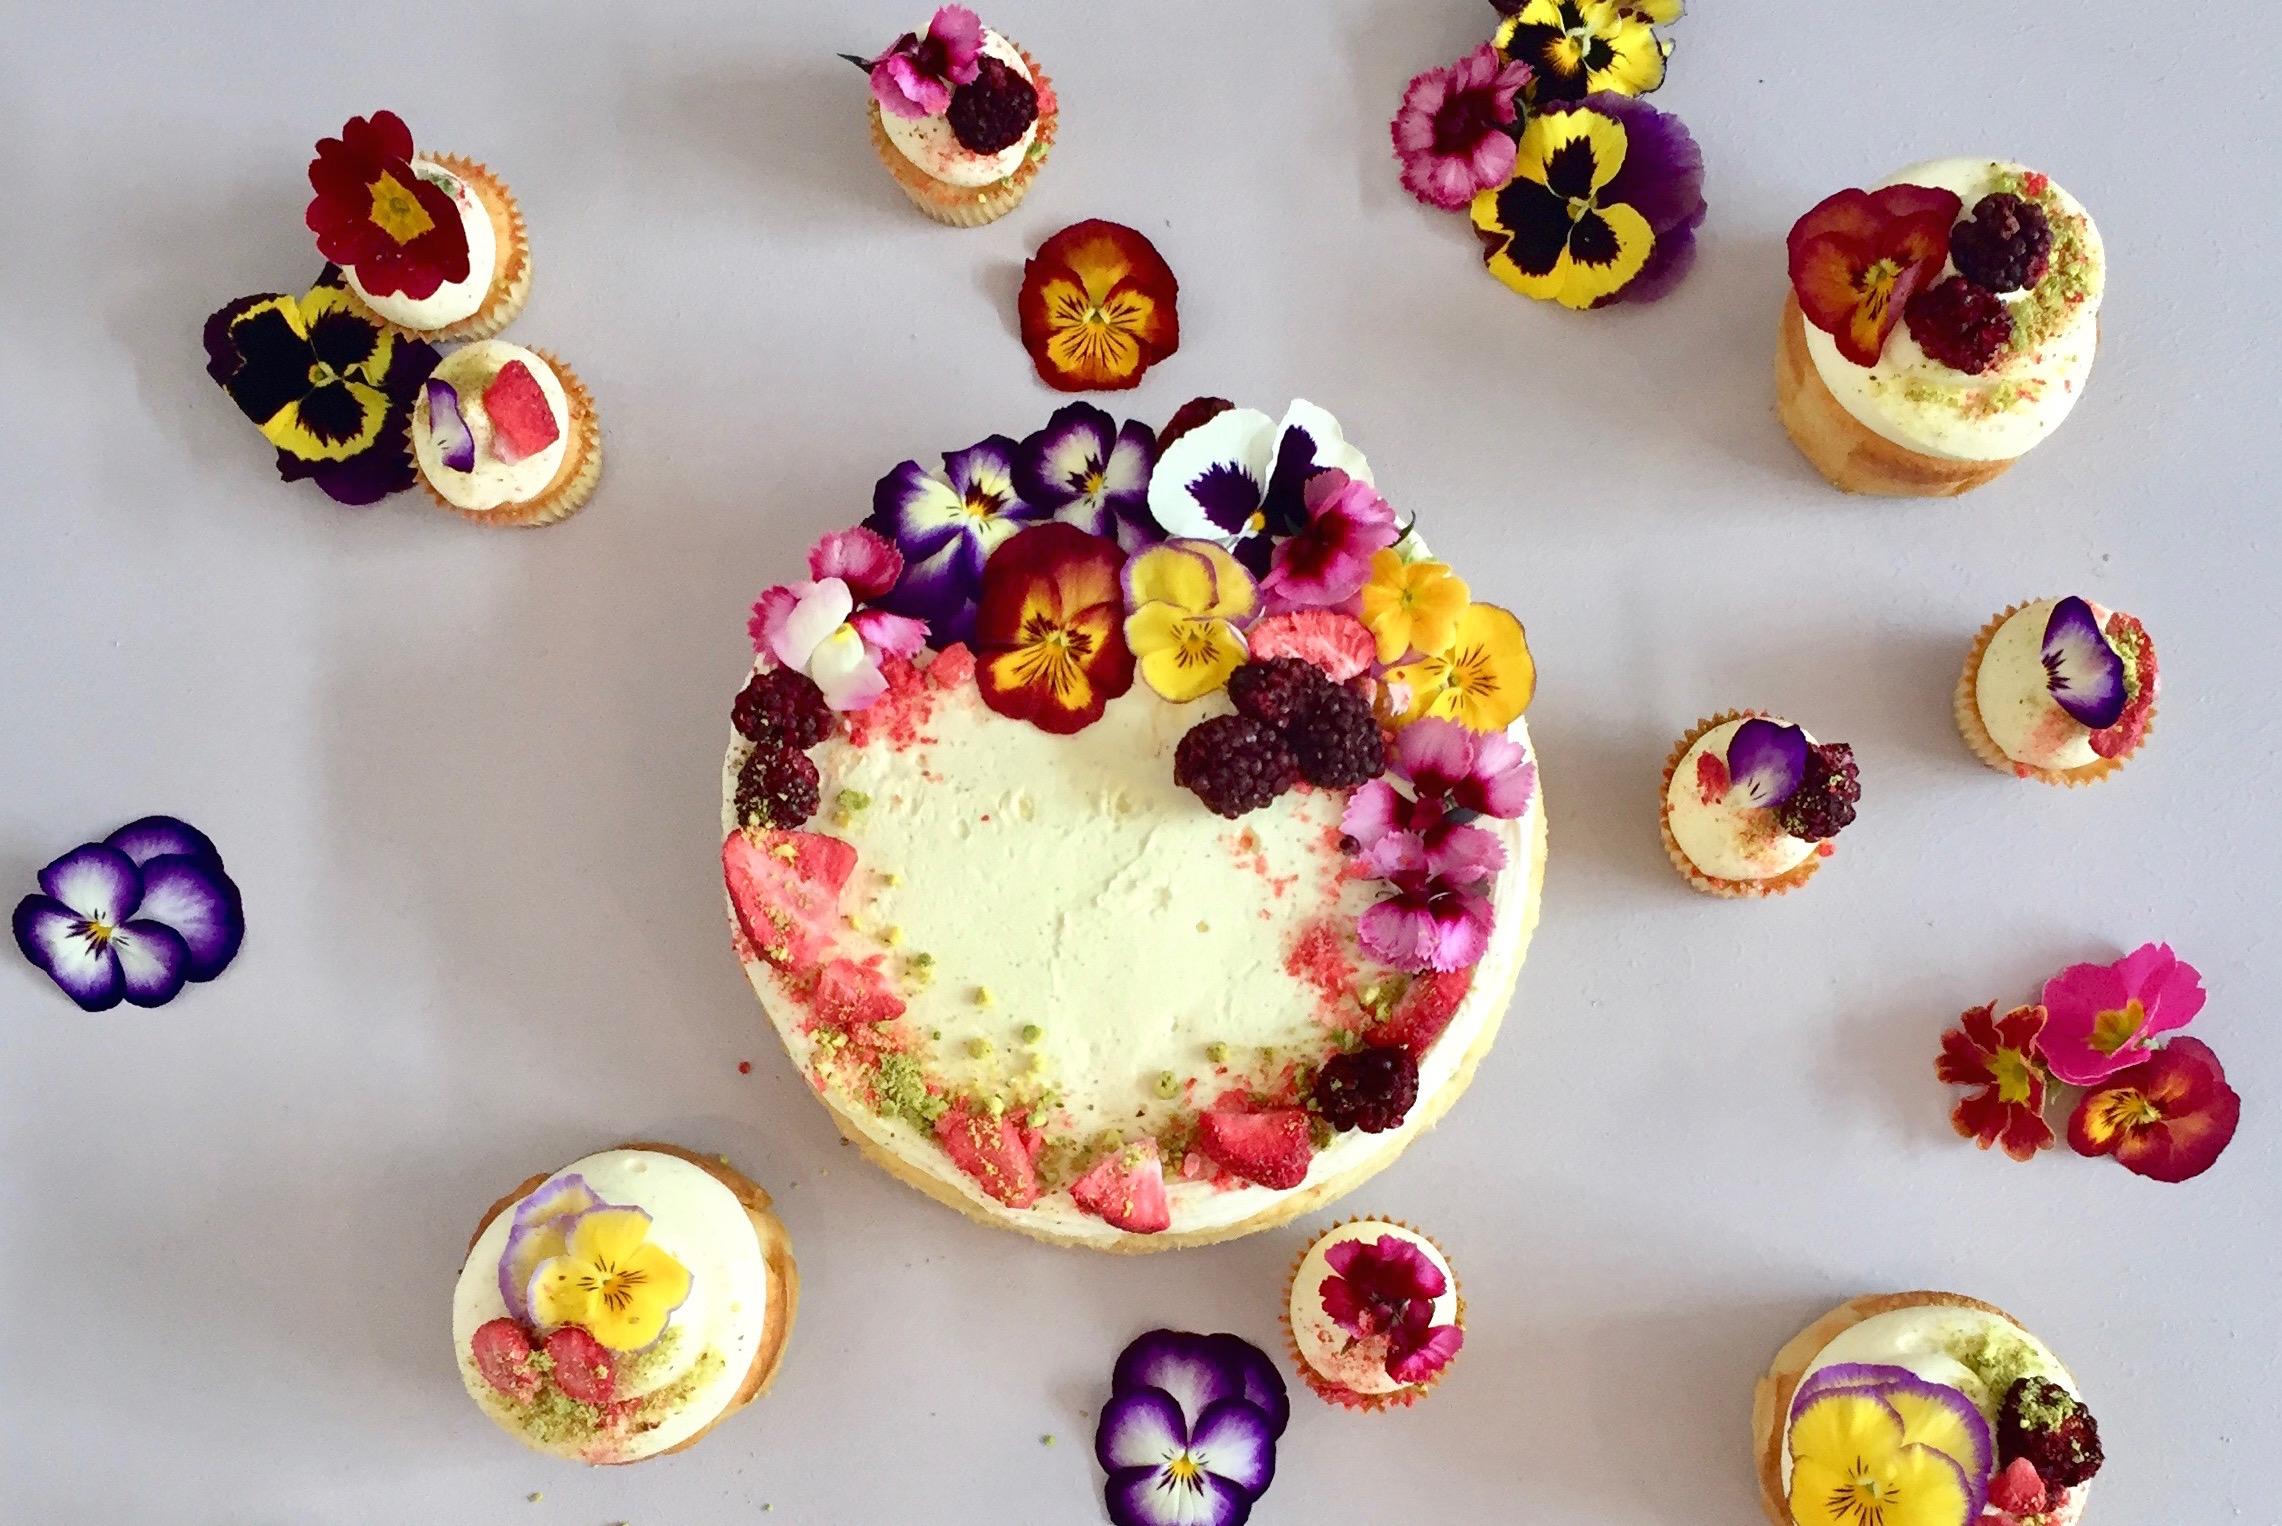 New World Little Garden Jordan Rondel The Caker Edible Flowers.jpg